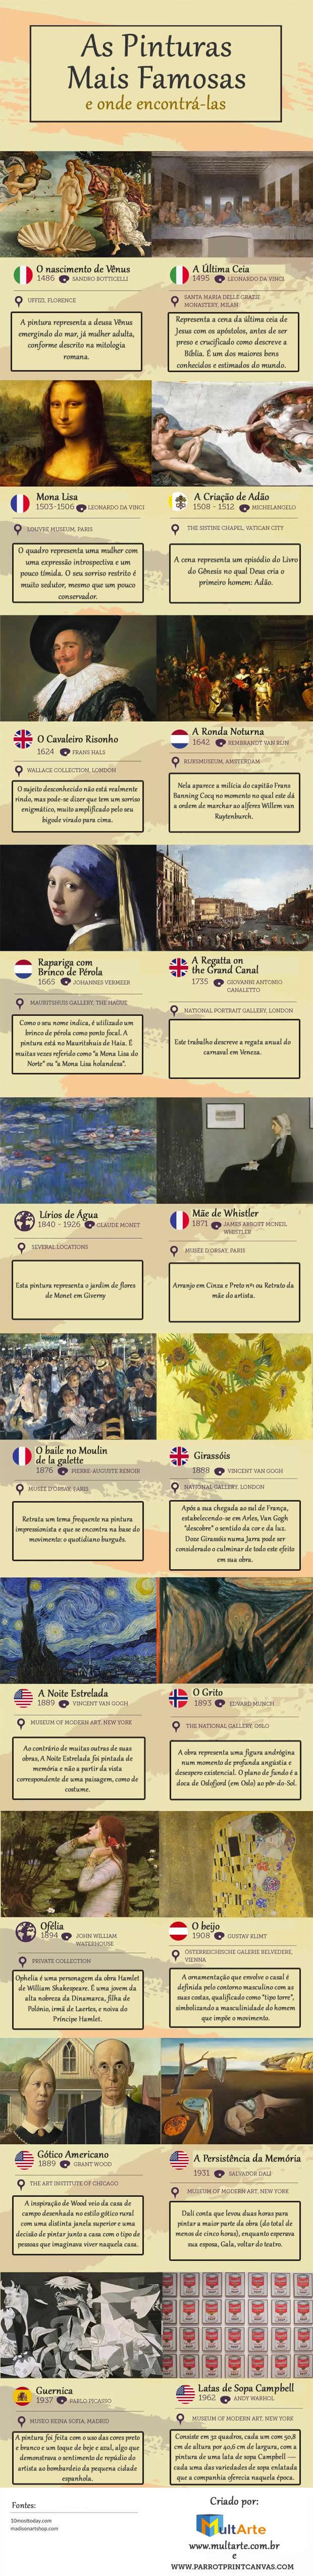 Pinturas famosas e onde encontrá-las